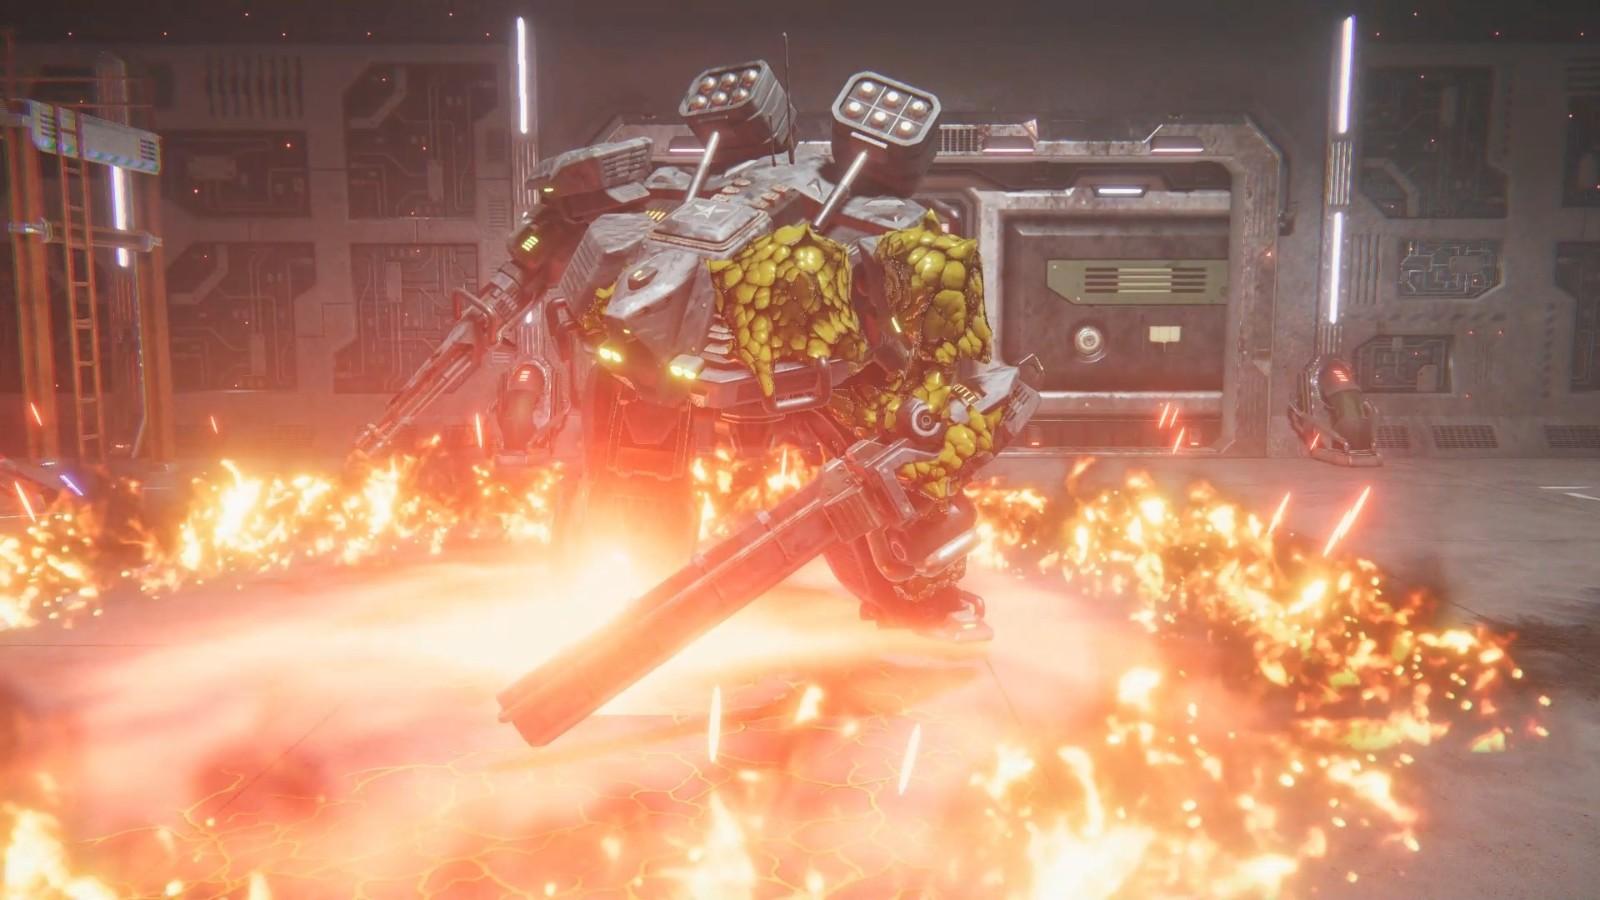 科幻动作游戏《黑风》第四季度最新发售-iD游源网